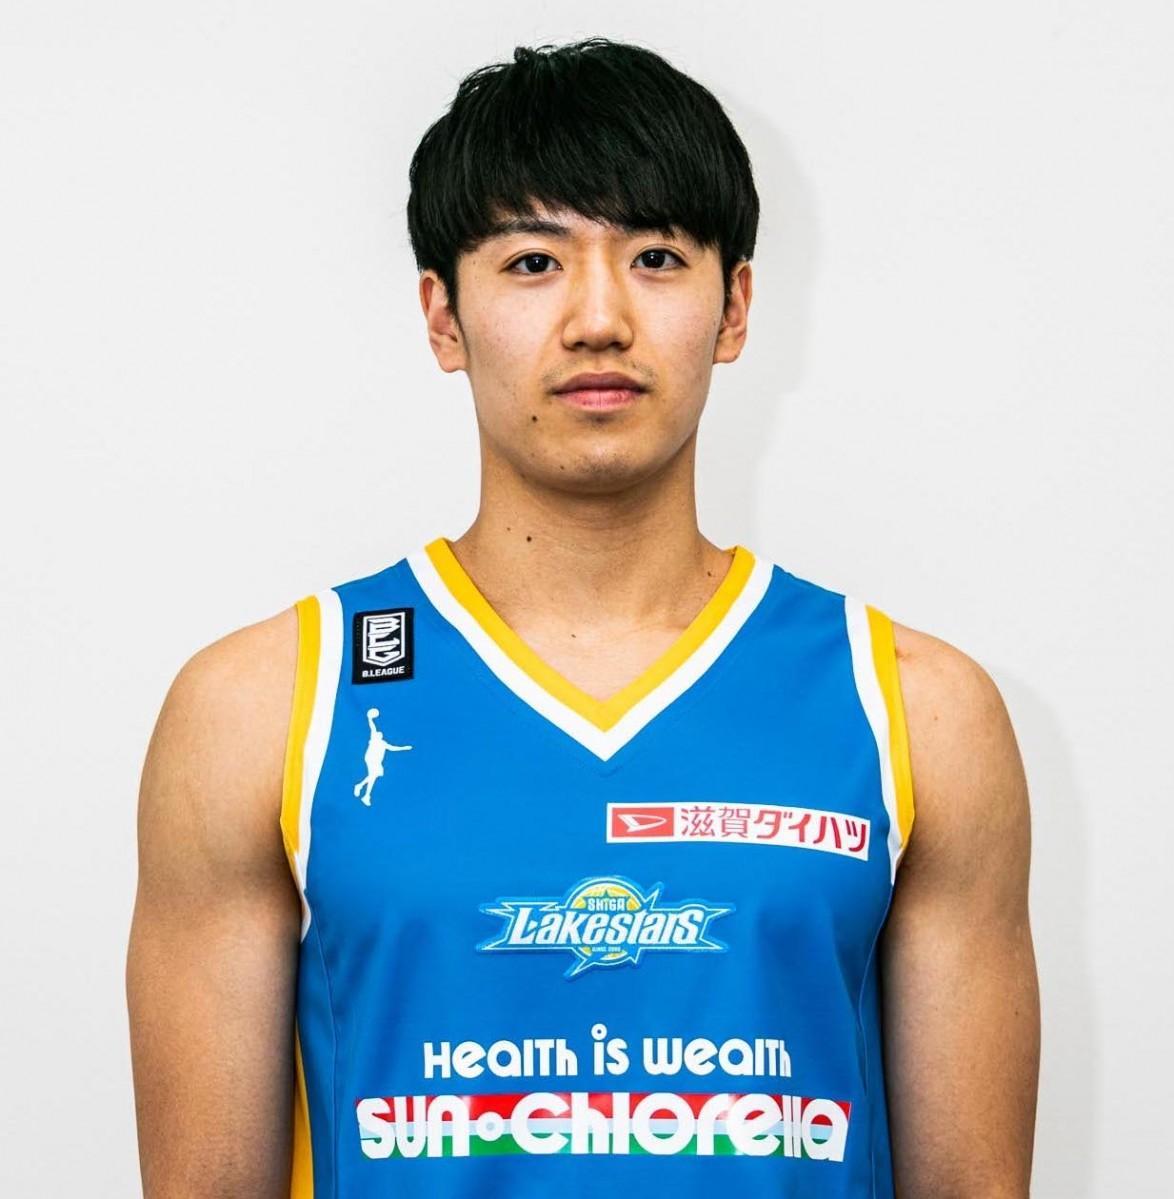 滋賀レイクスターズに特別指定選手として加入した筑波大学の野本大智選手(写真提供:滋賀レイクスターズ)